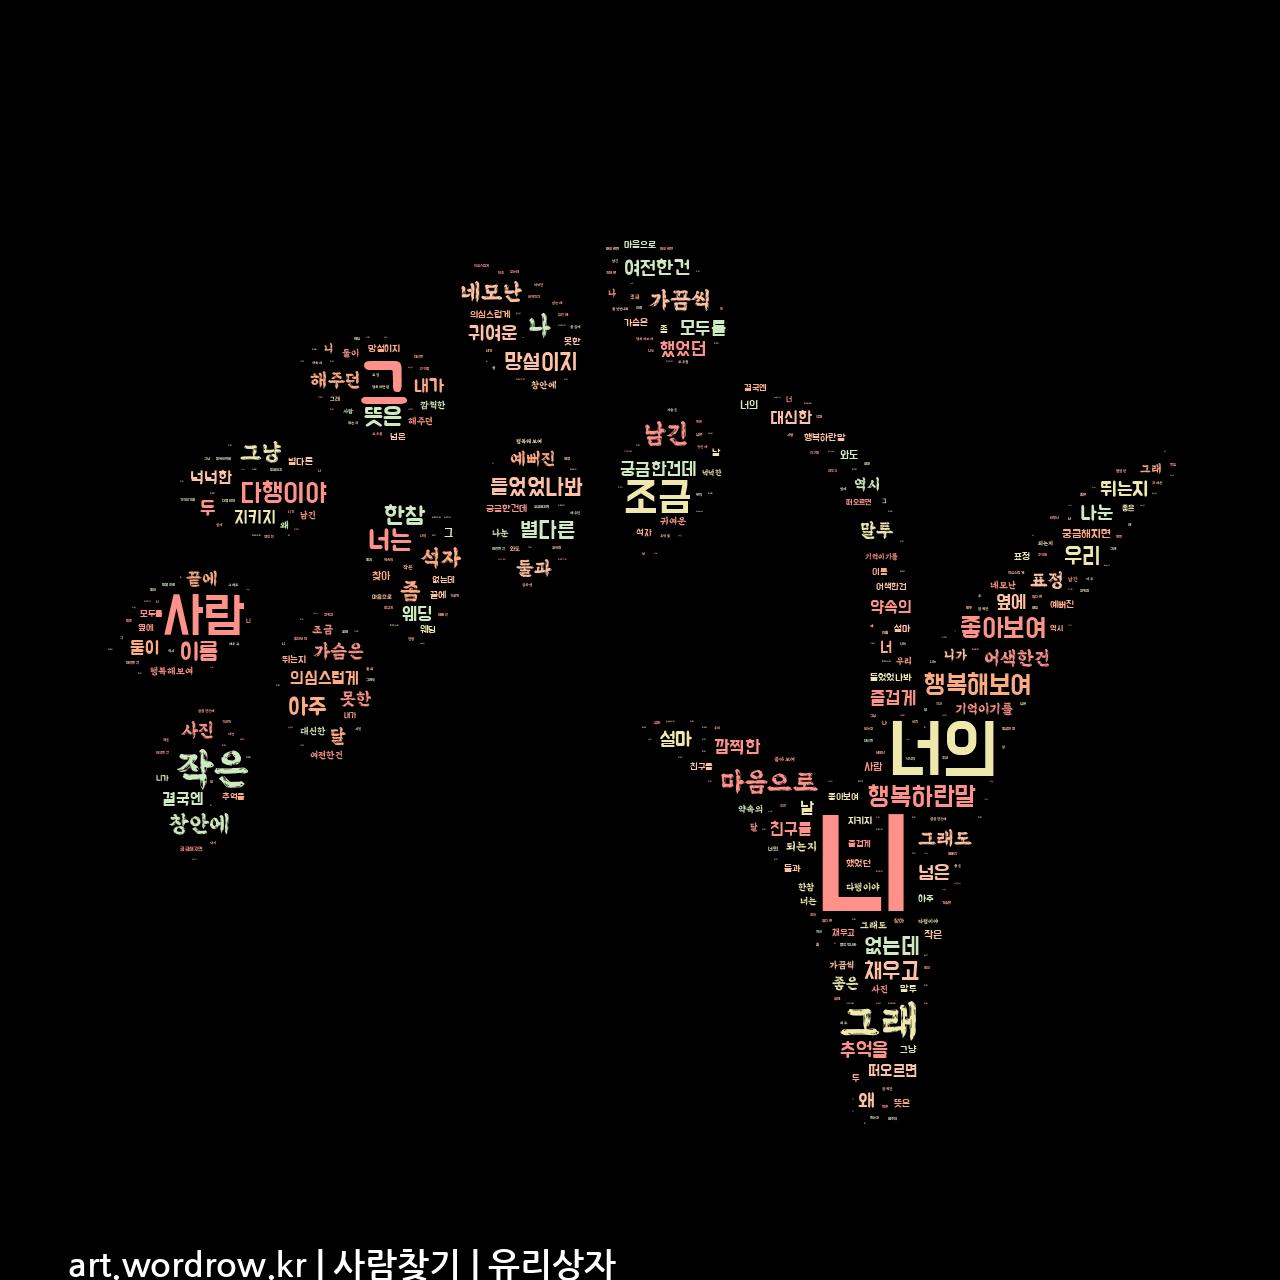 워드 클라우드: 사람찾기 [유리상자]-14